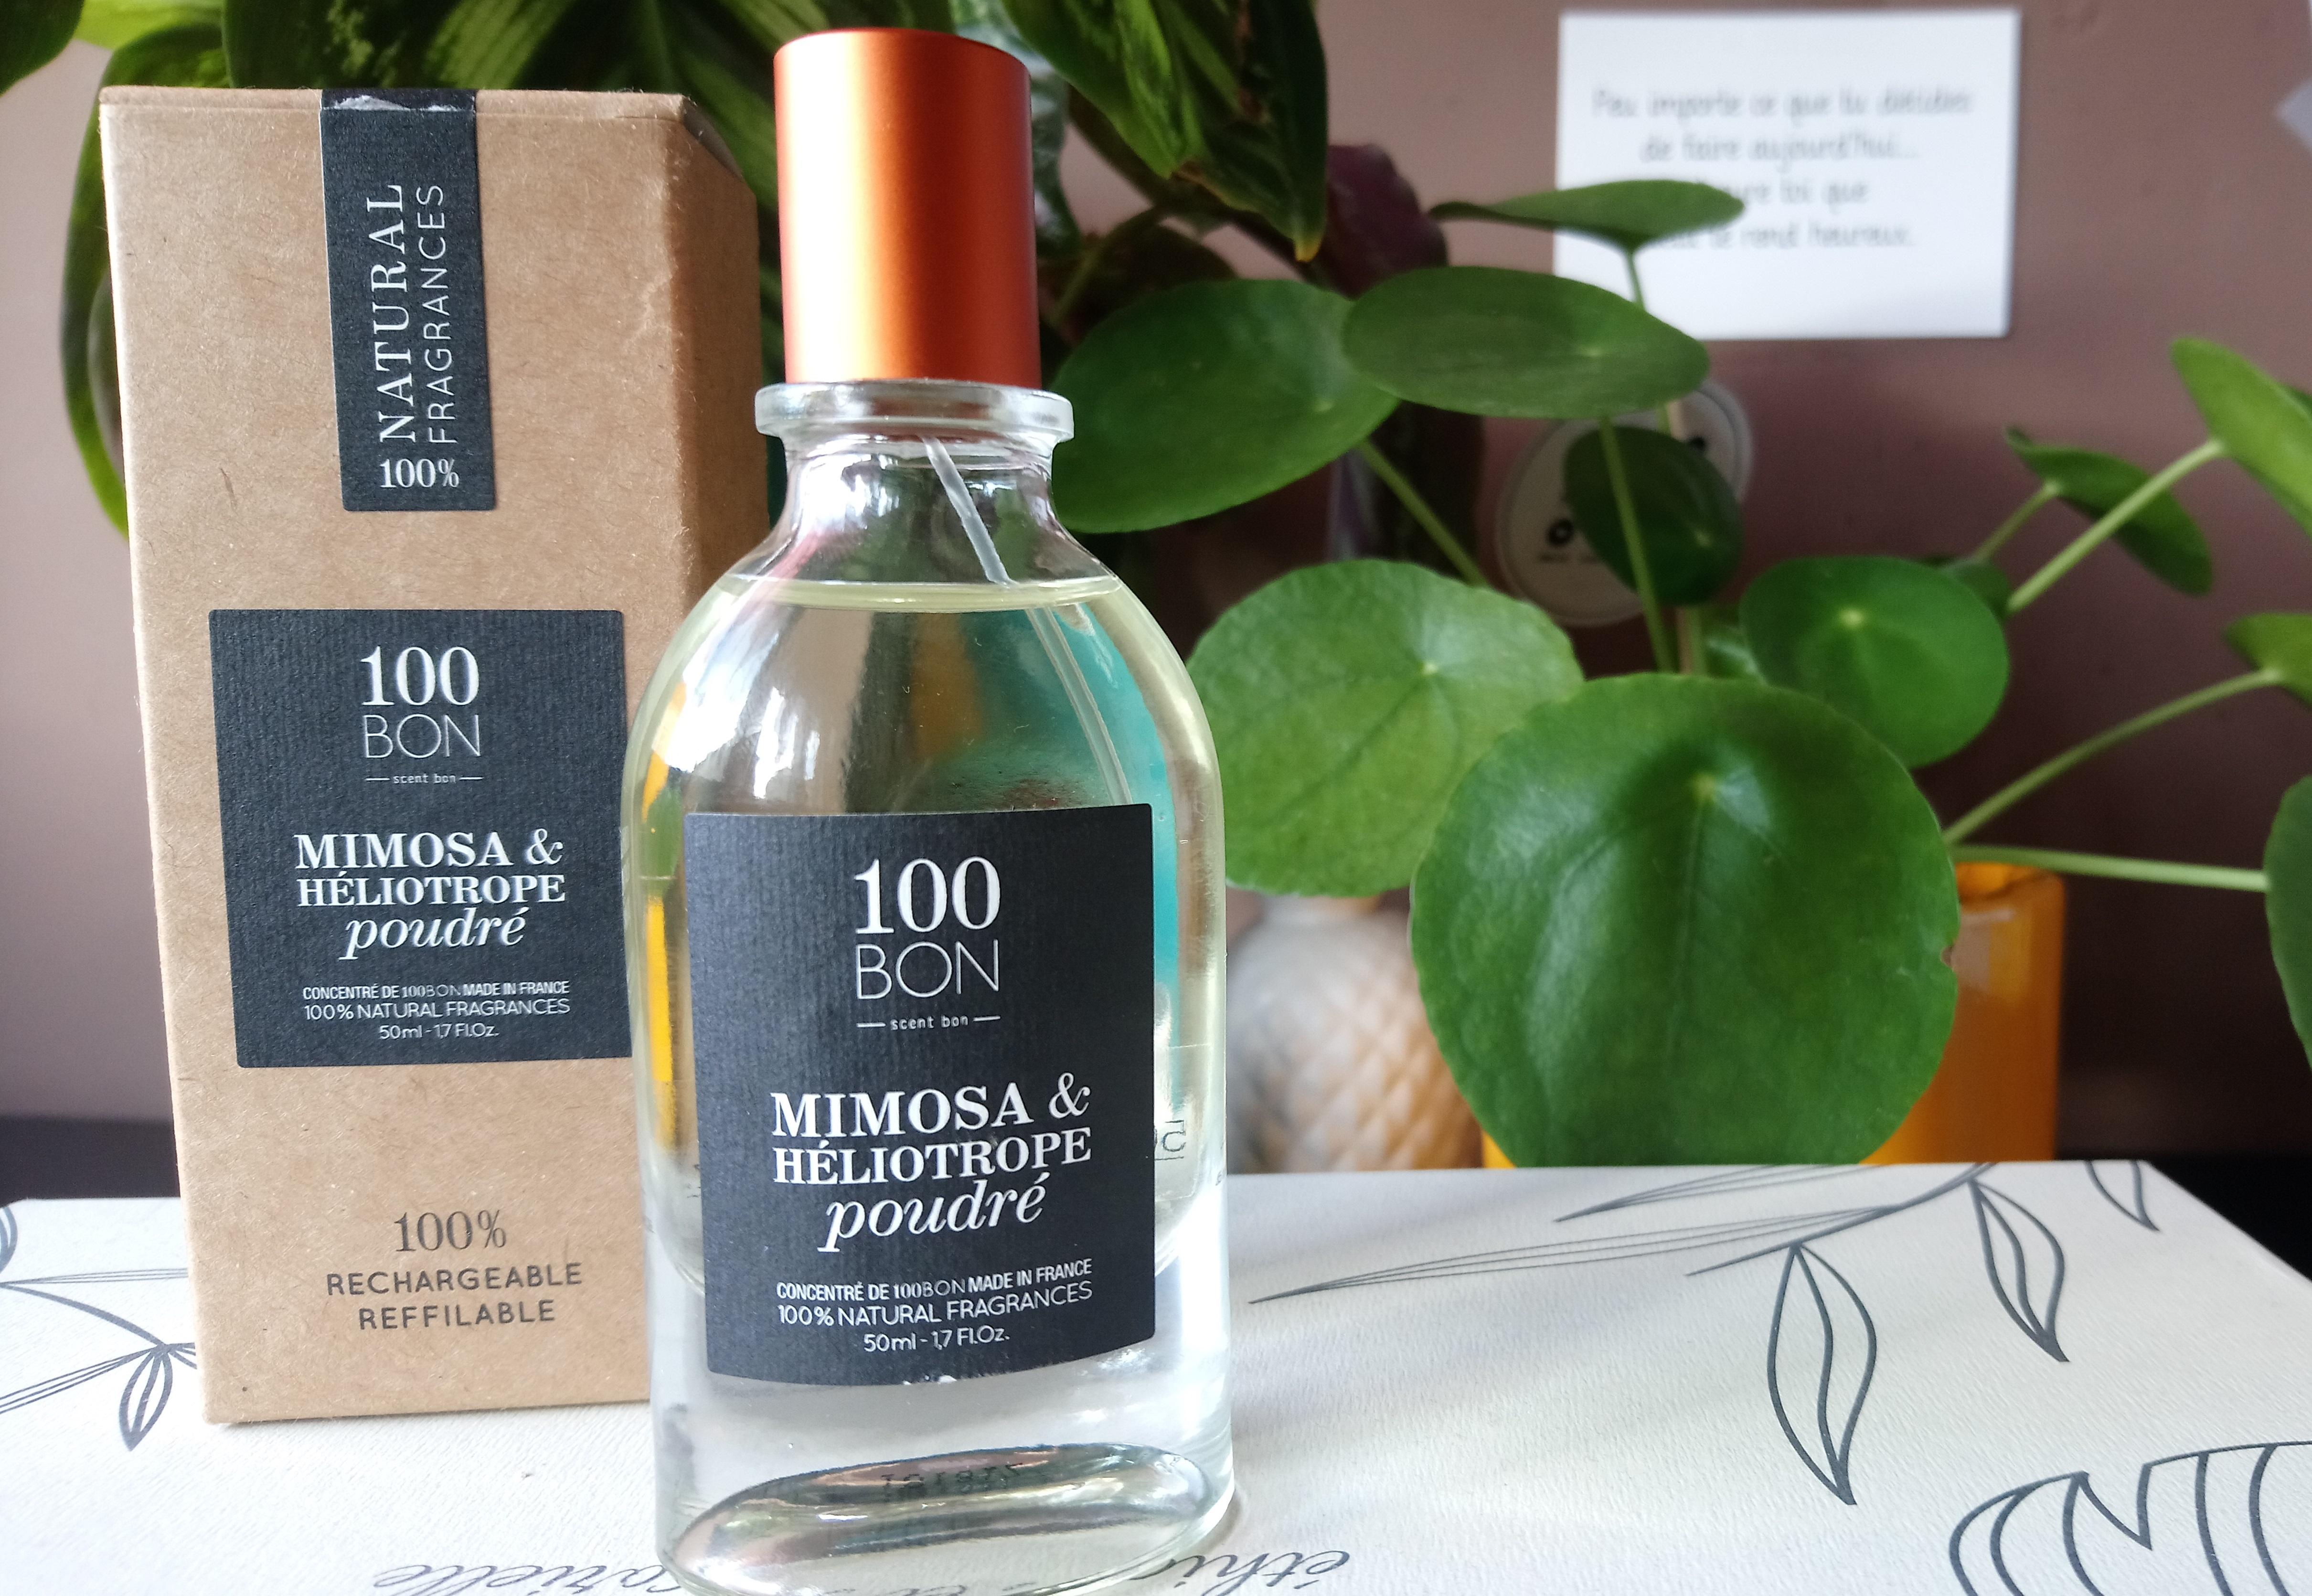 Des La Toxicité Sur Parfums AlternativeZoom Et Leur 100bonEmy CodxBer